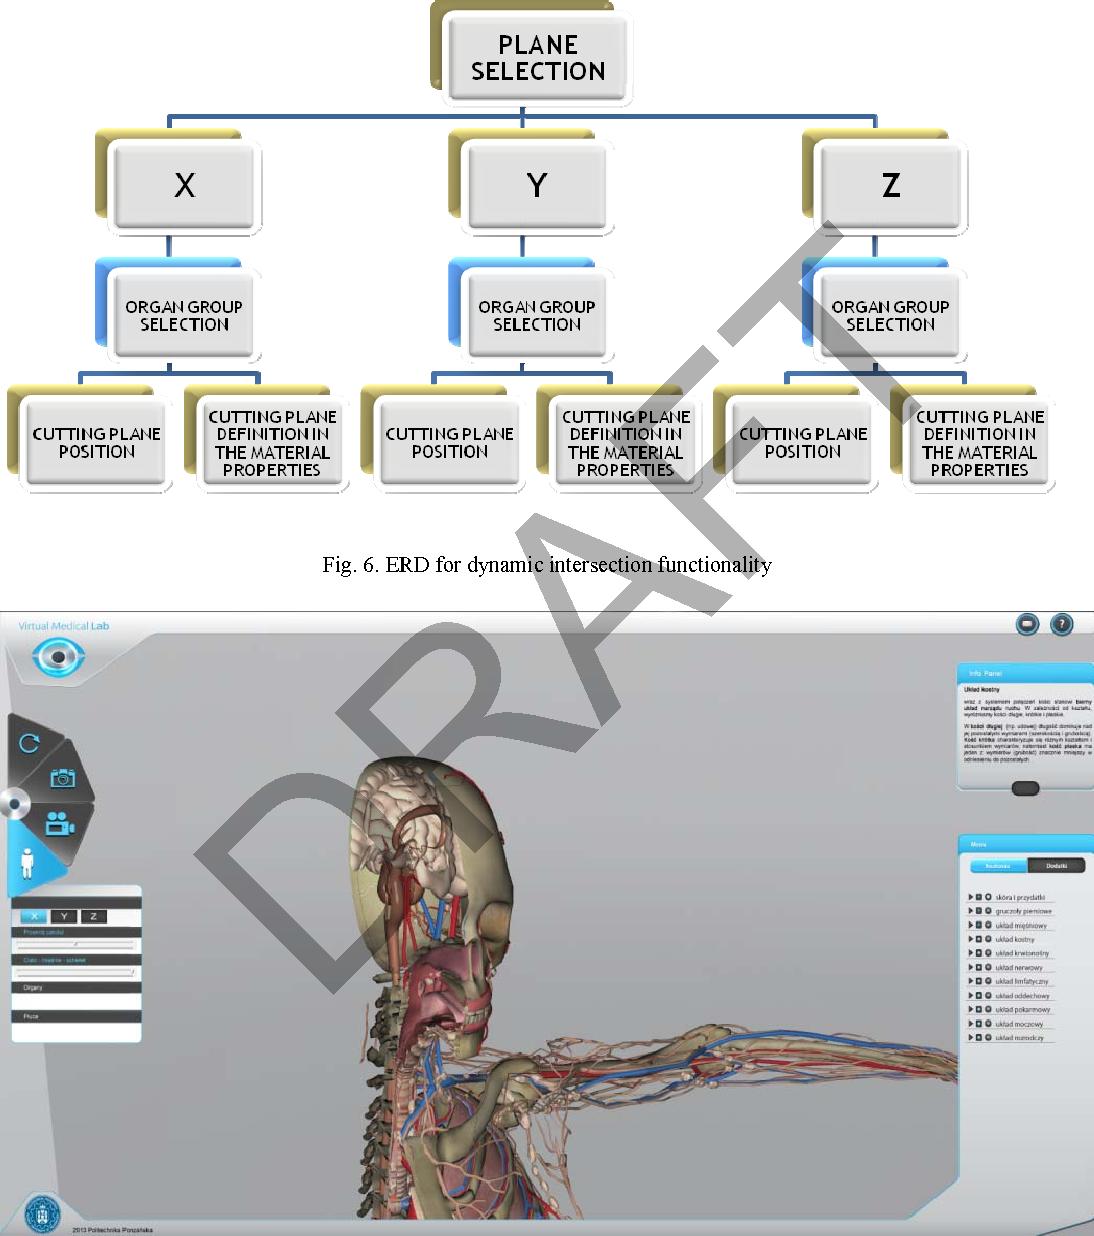 Virtual 3D Atlas of a Human Body - Development of an